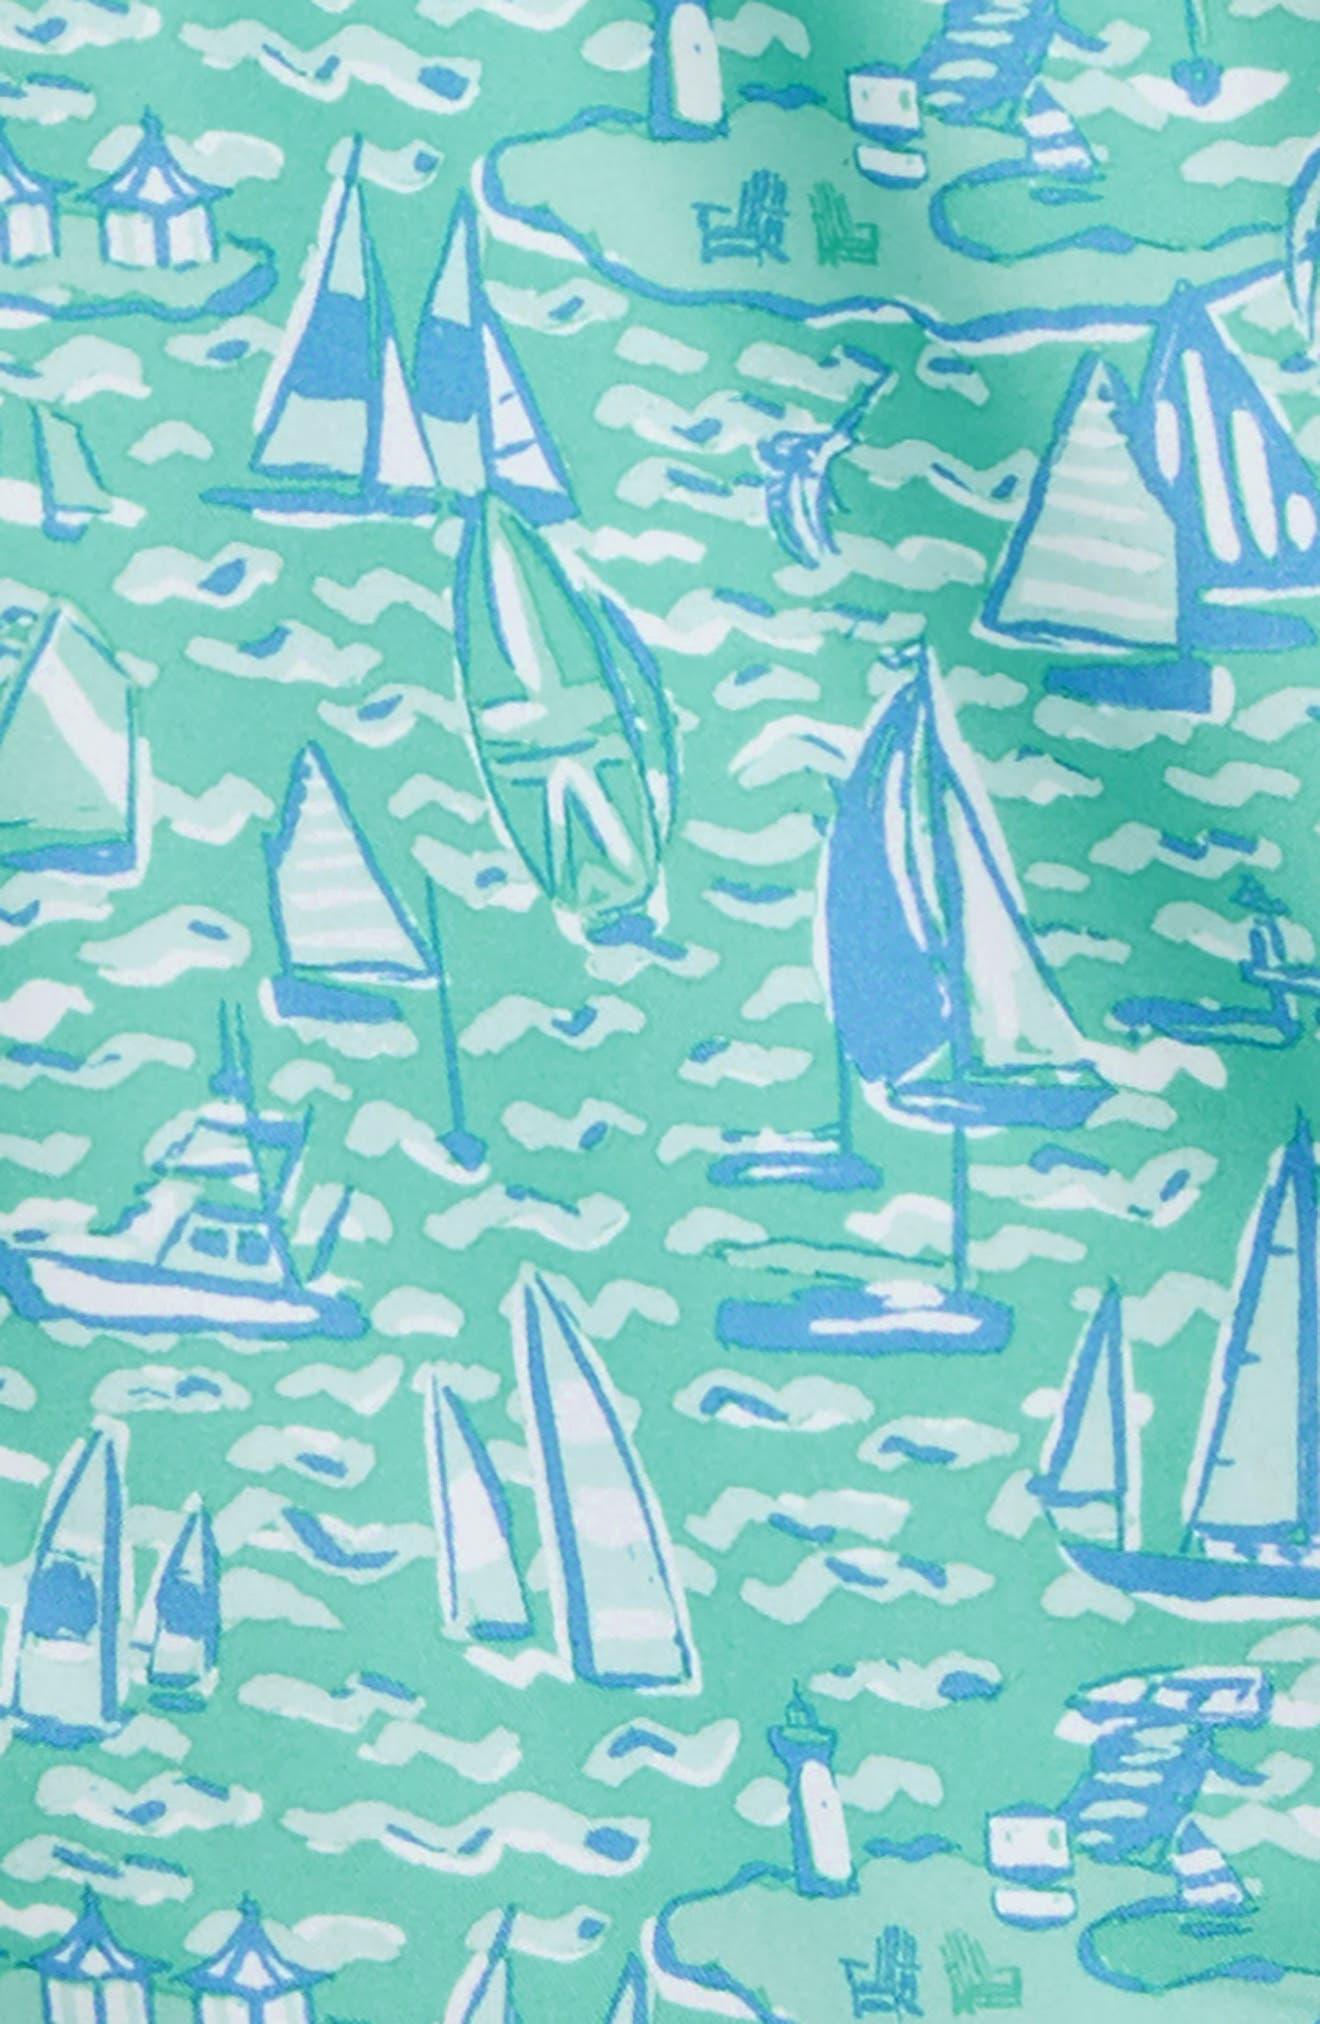 Sailing the Vineyard Chappy Swim Trunks,                             Alternate thumbnail 2, color,                             CAPRI BLUE